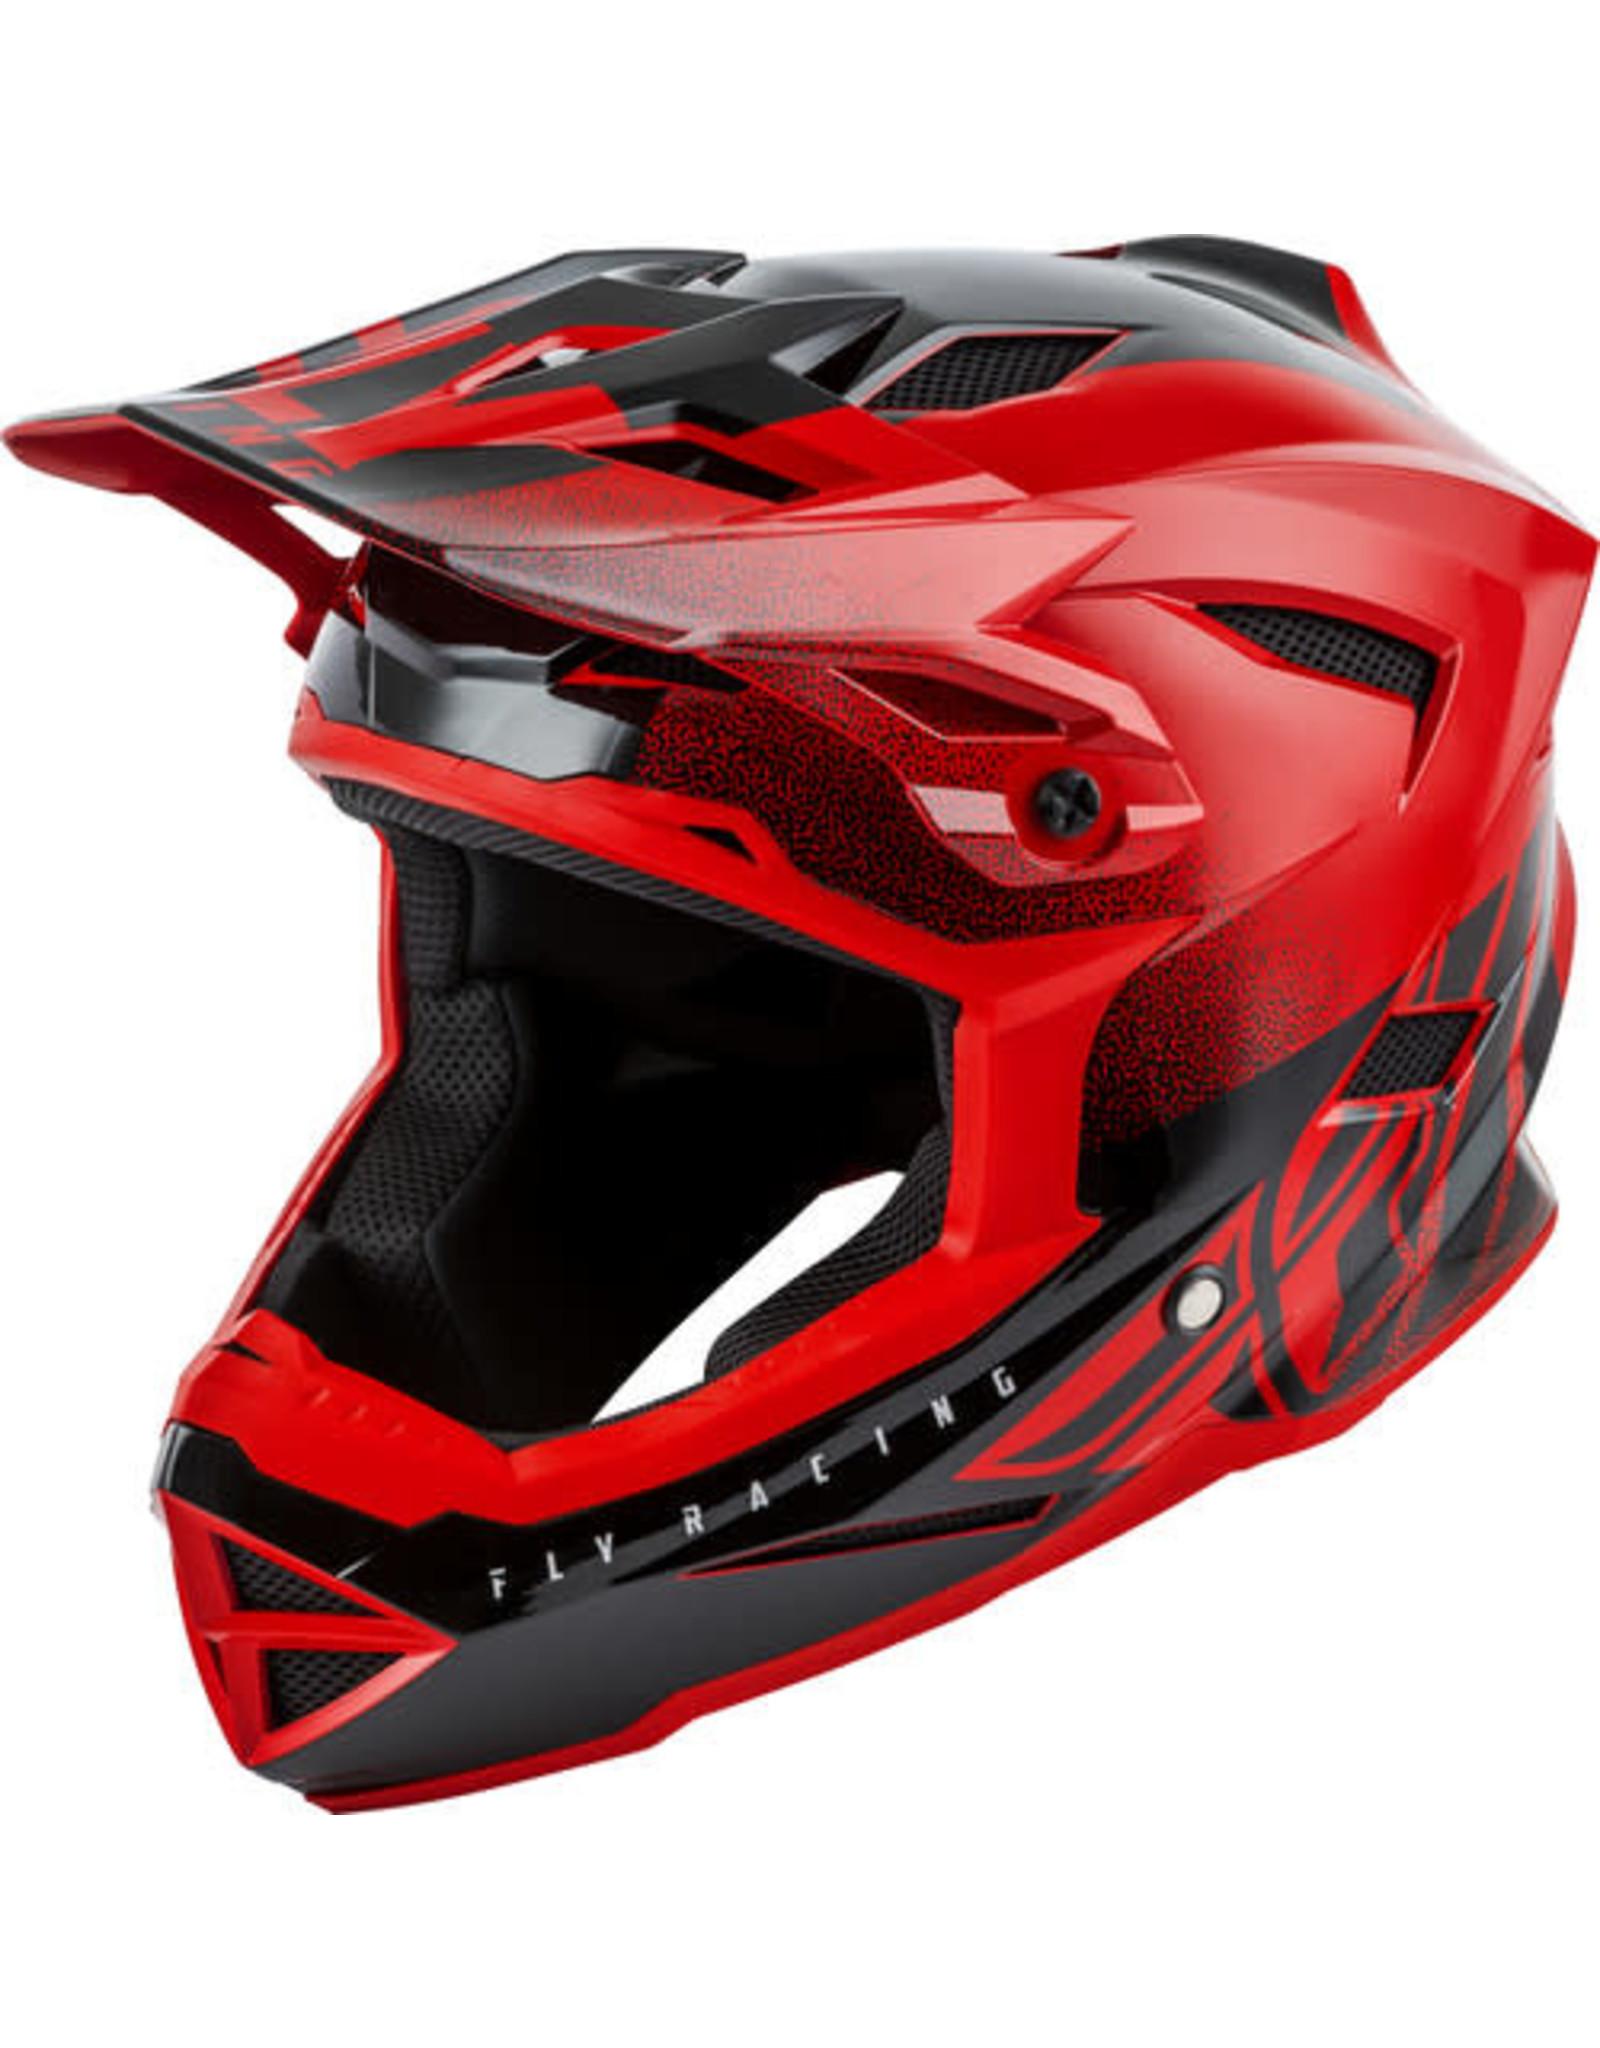 FLY RACING Fly Racing Default Helmet